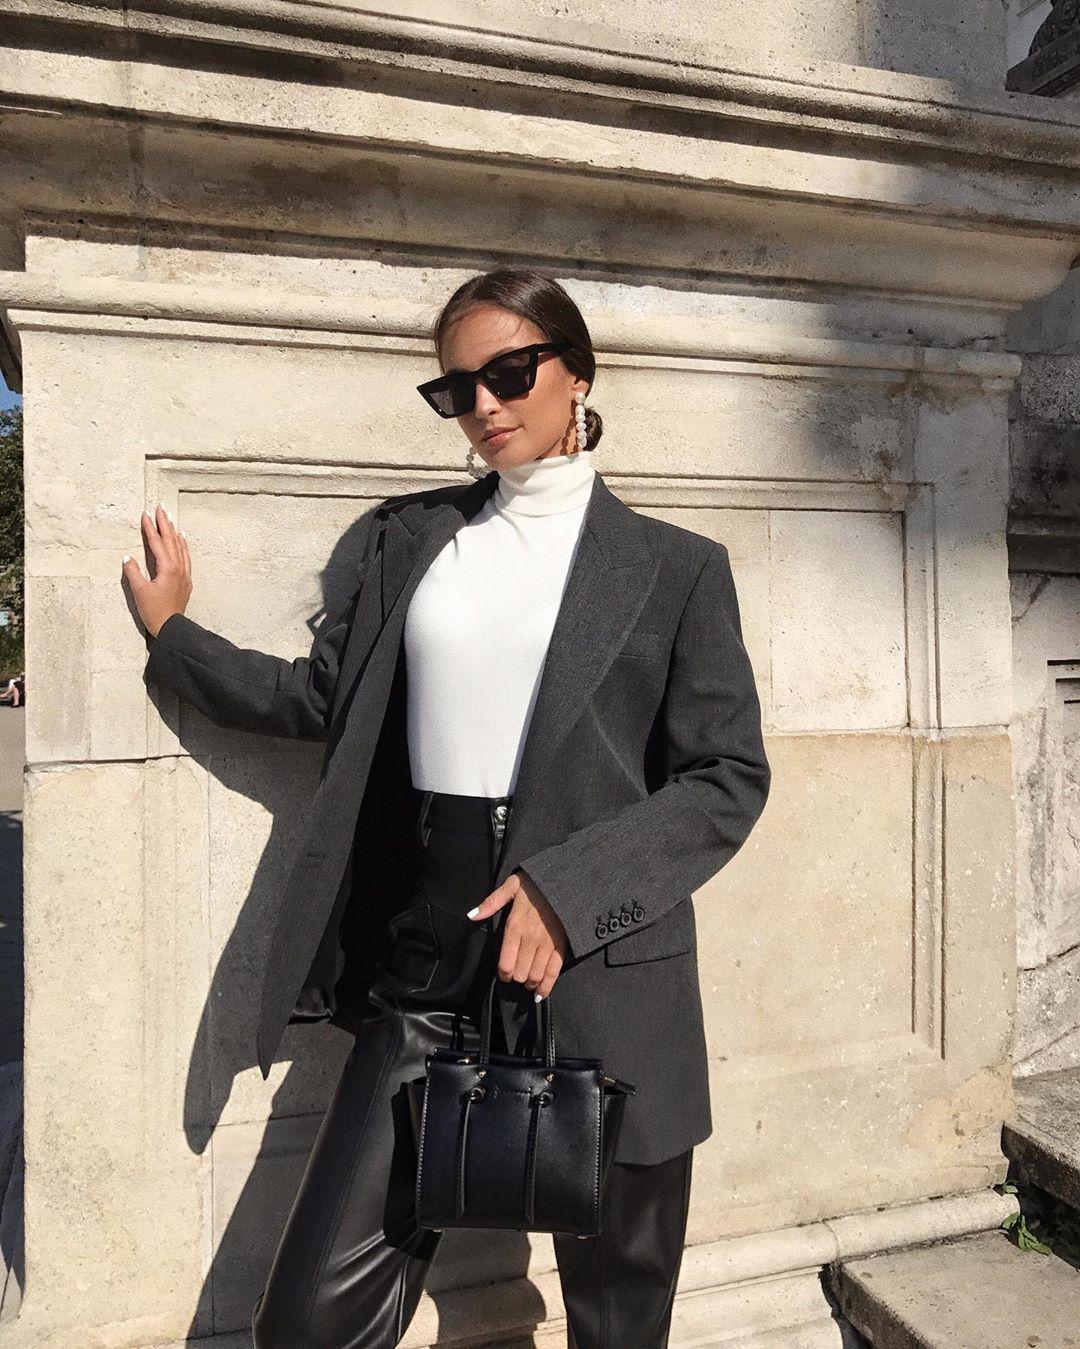 leather-effect trousers de Zara sur majamarko7